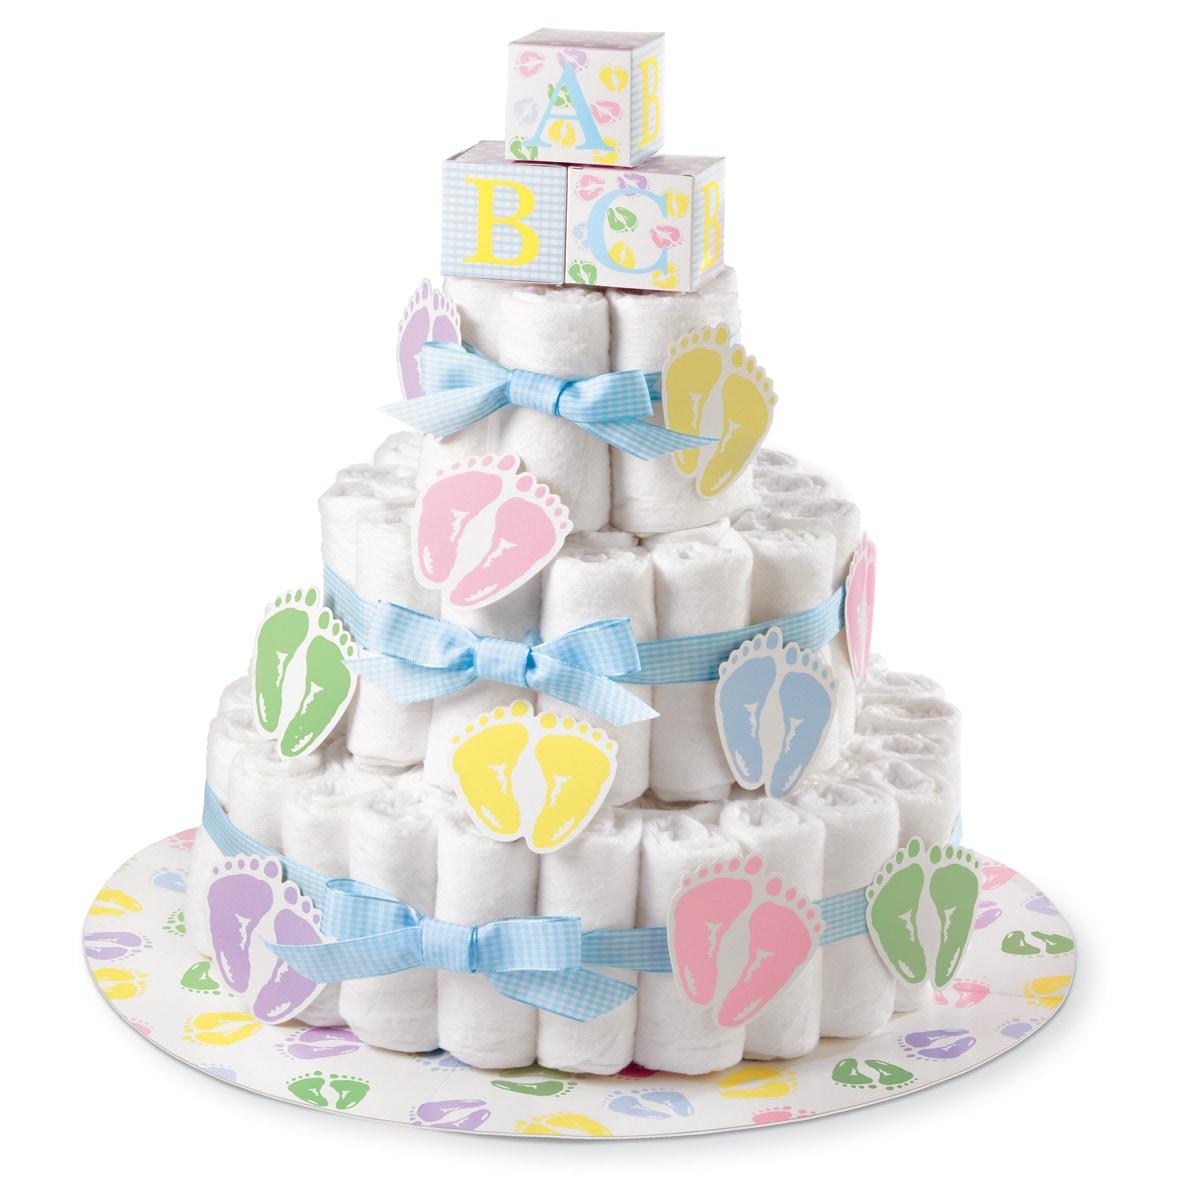 Wilton Diaper Cake Kit (Diaper Cake Kit), White